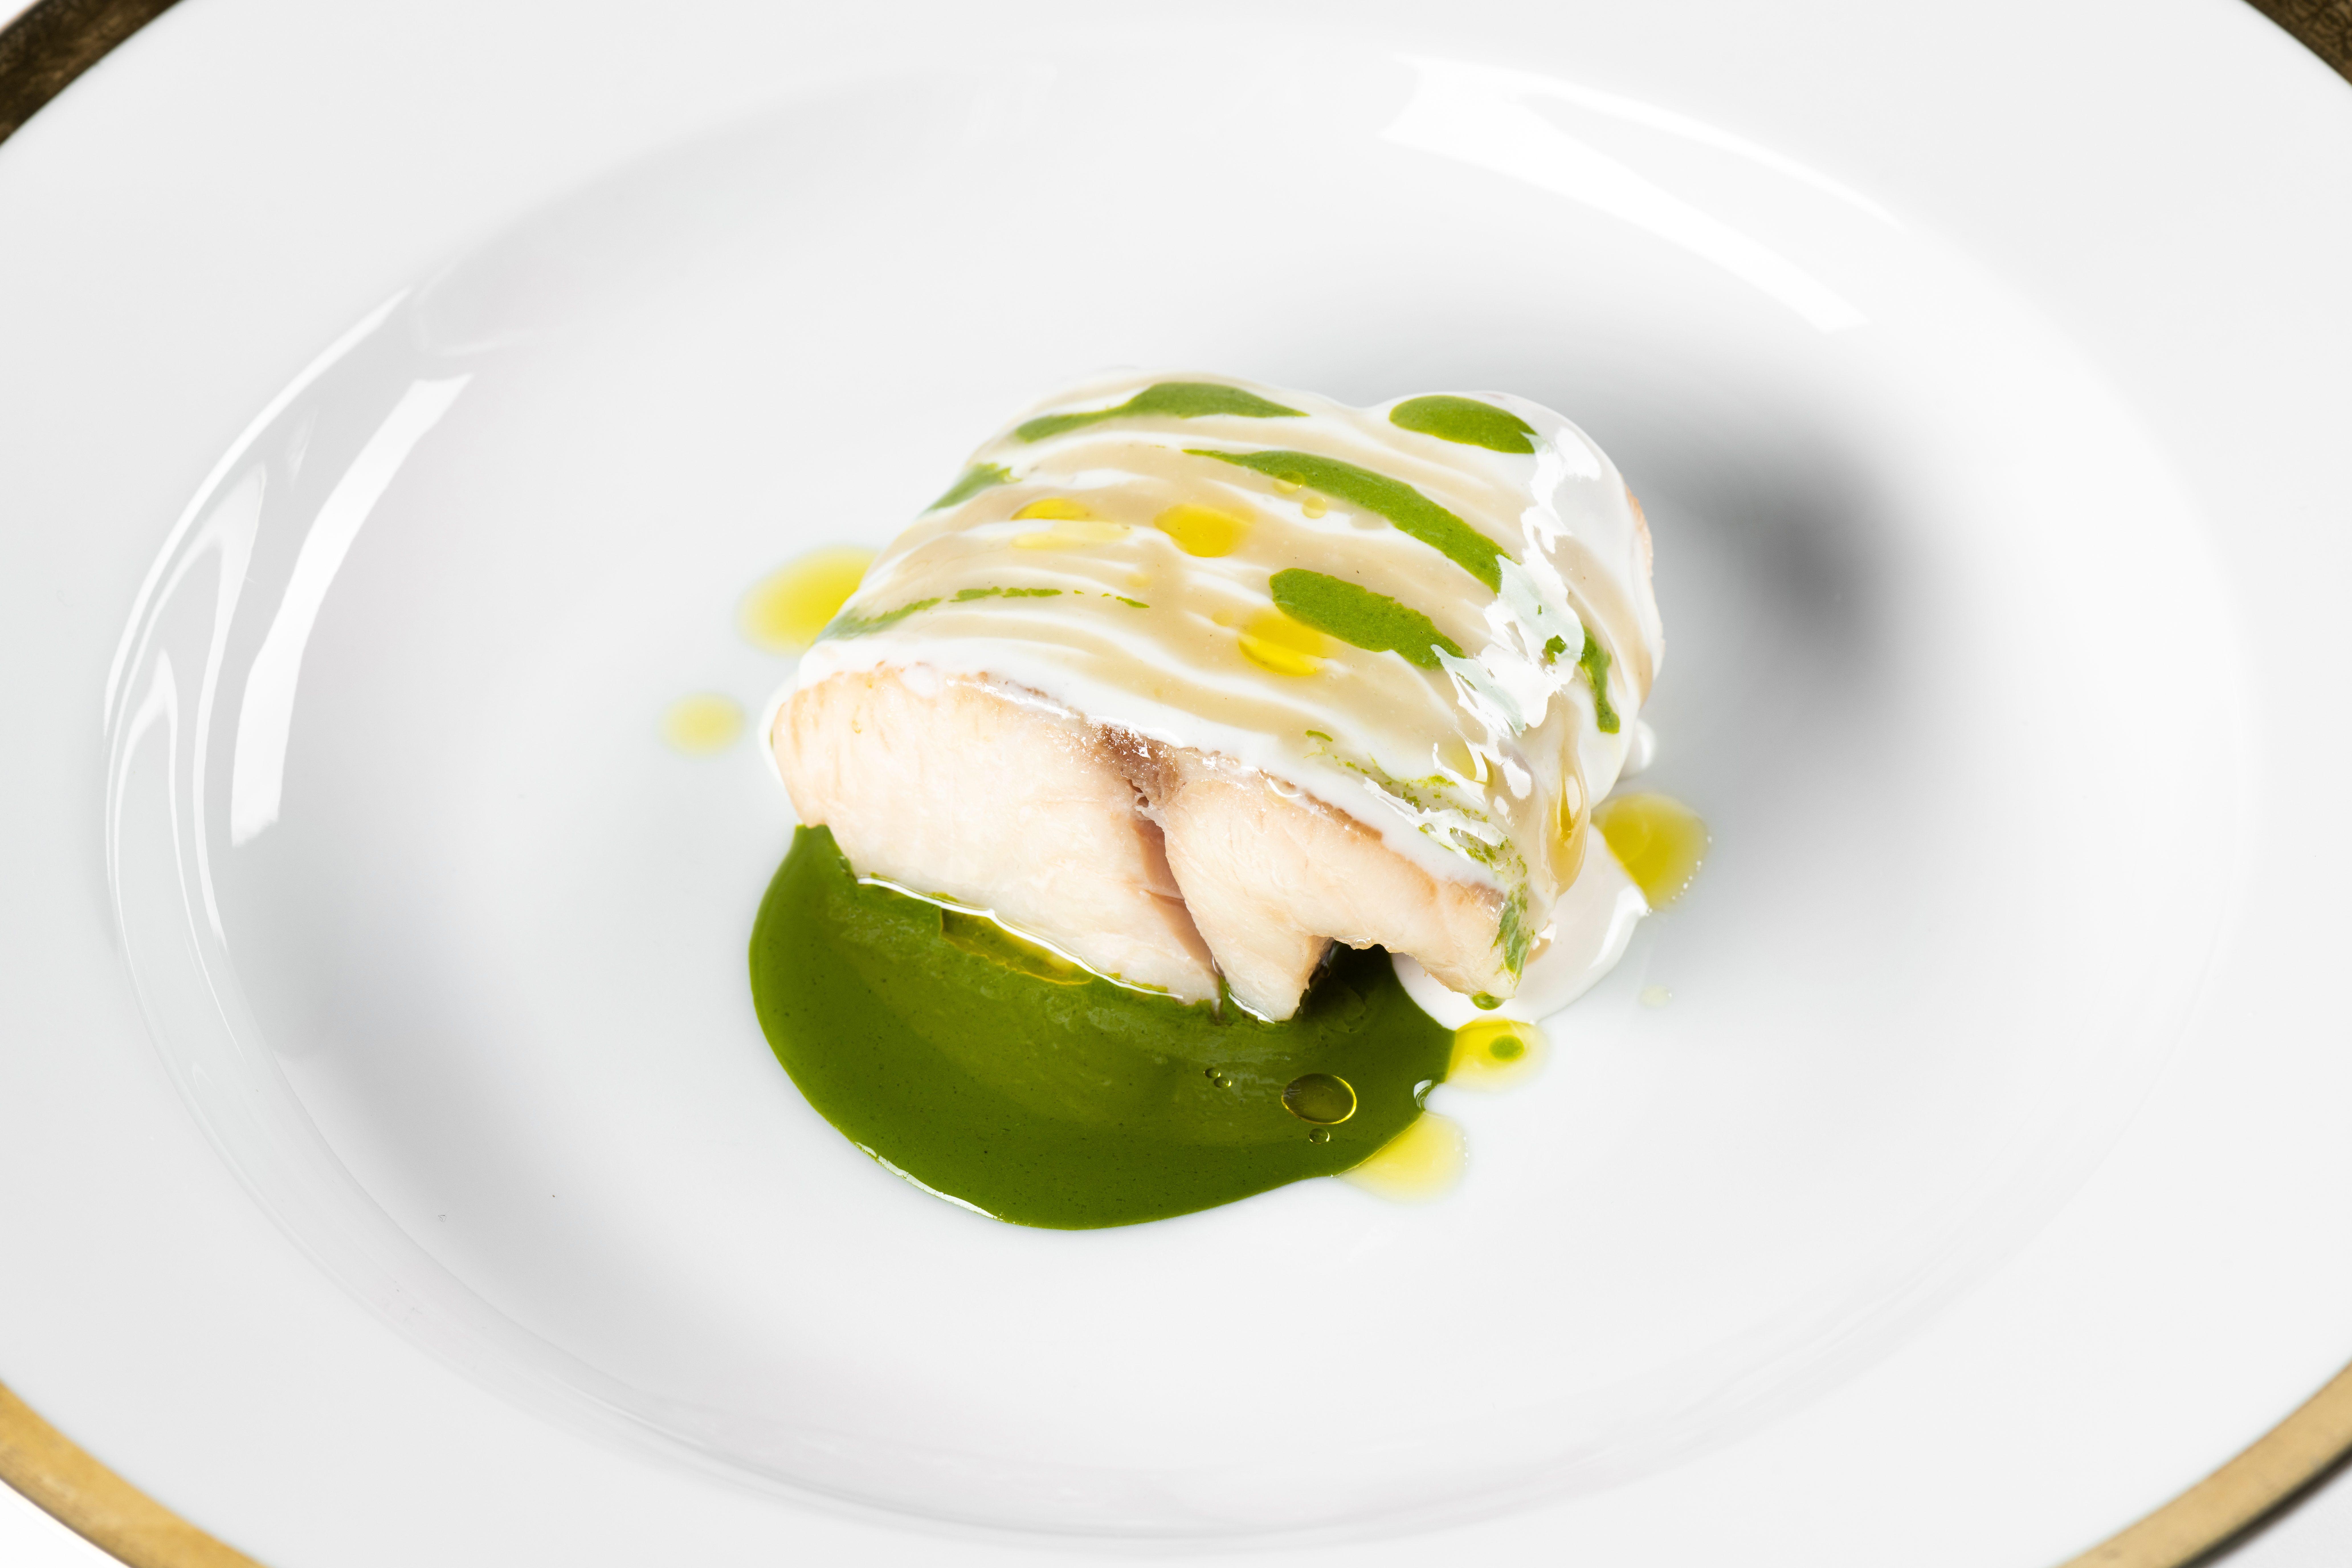 Niko Romito riapre il Reale e ripropone il menu degustazione a 150 euro